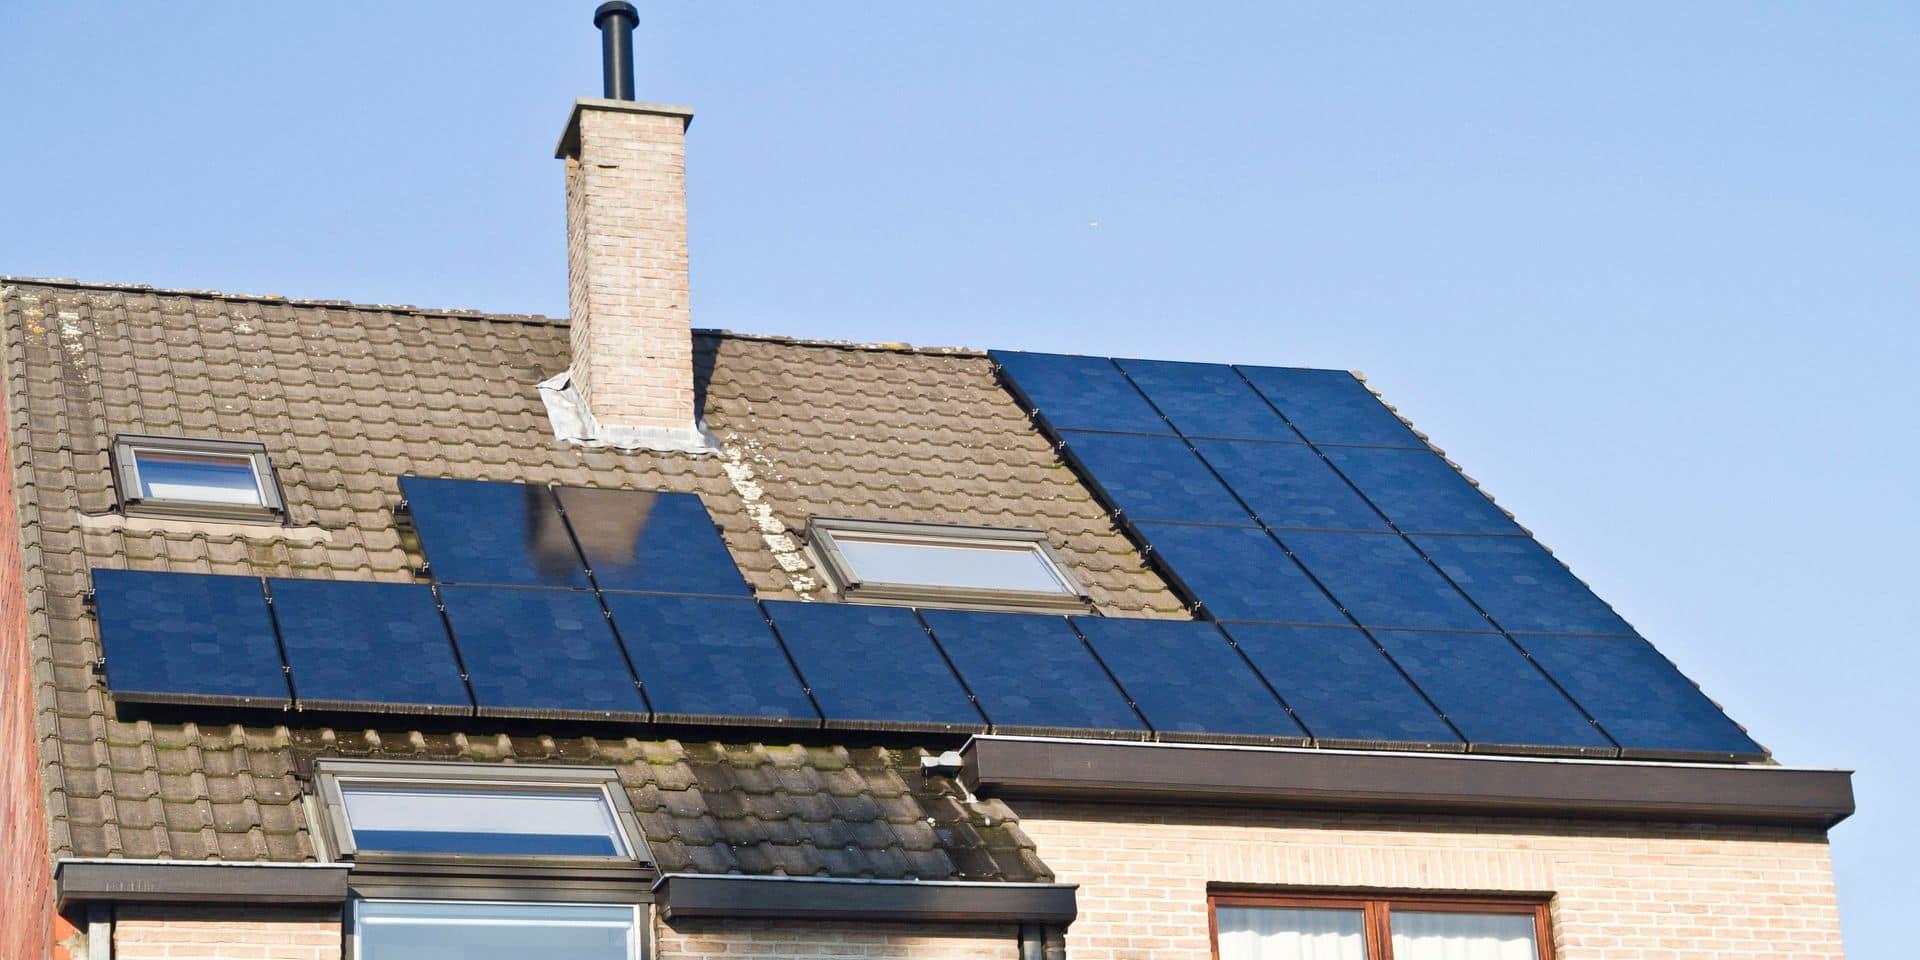 Des panneaux solaires sur votre toit pour 0 € : non, ce n'est pas une arnaque !